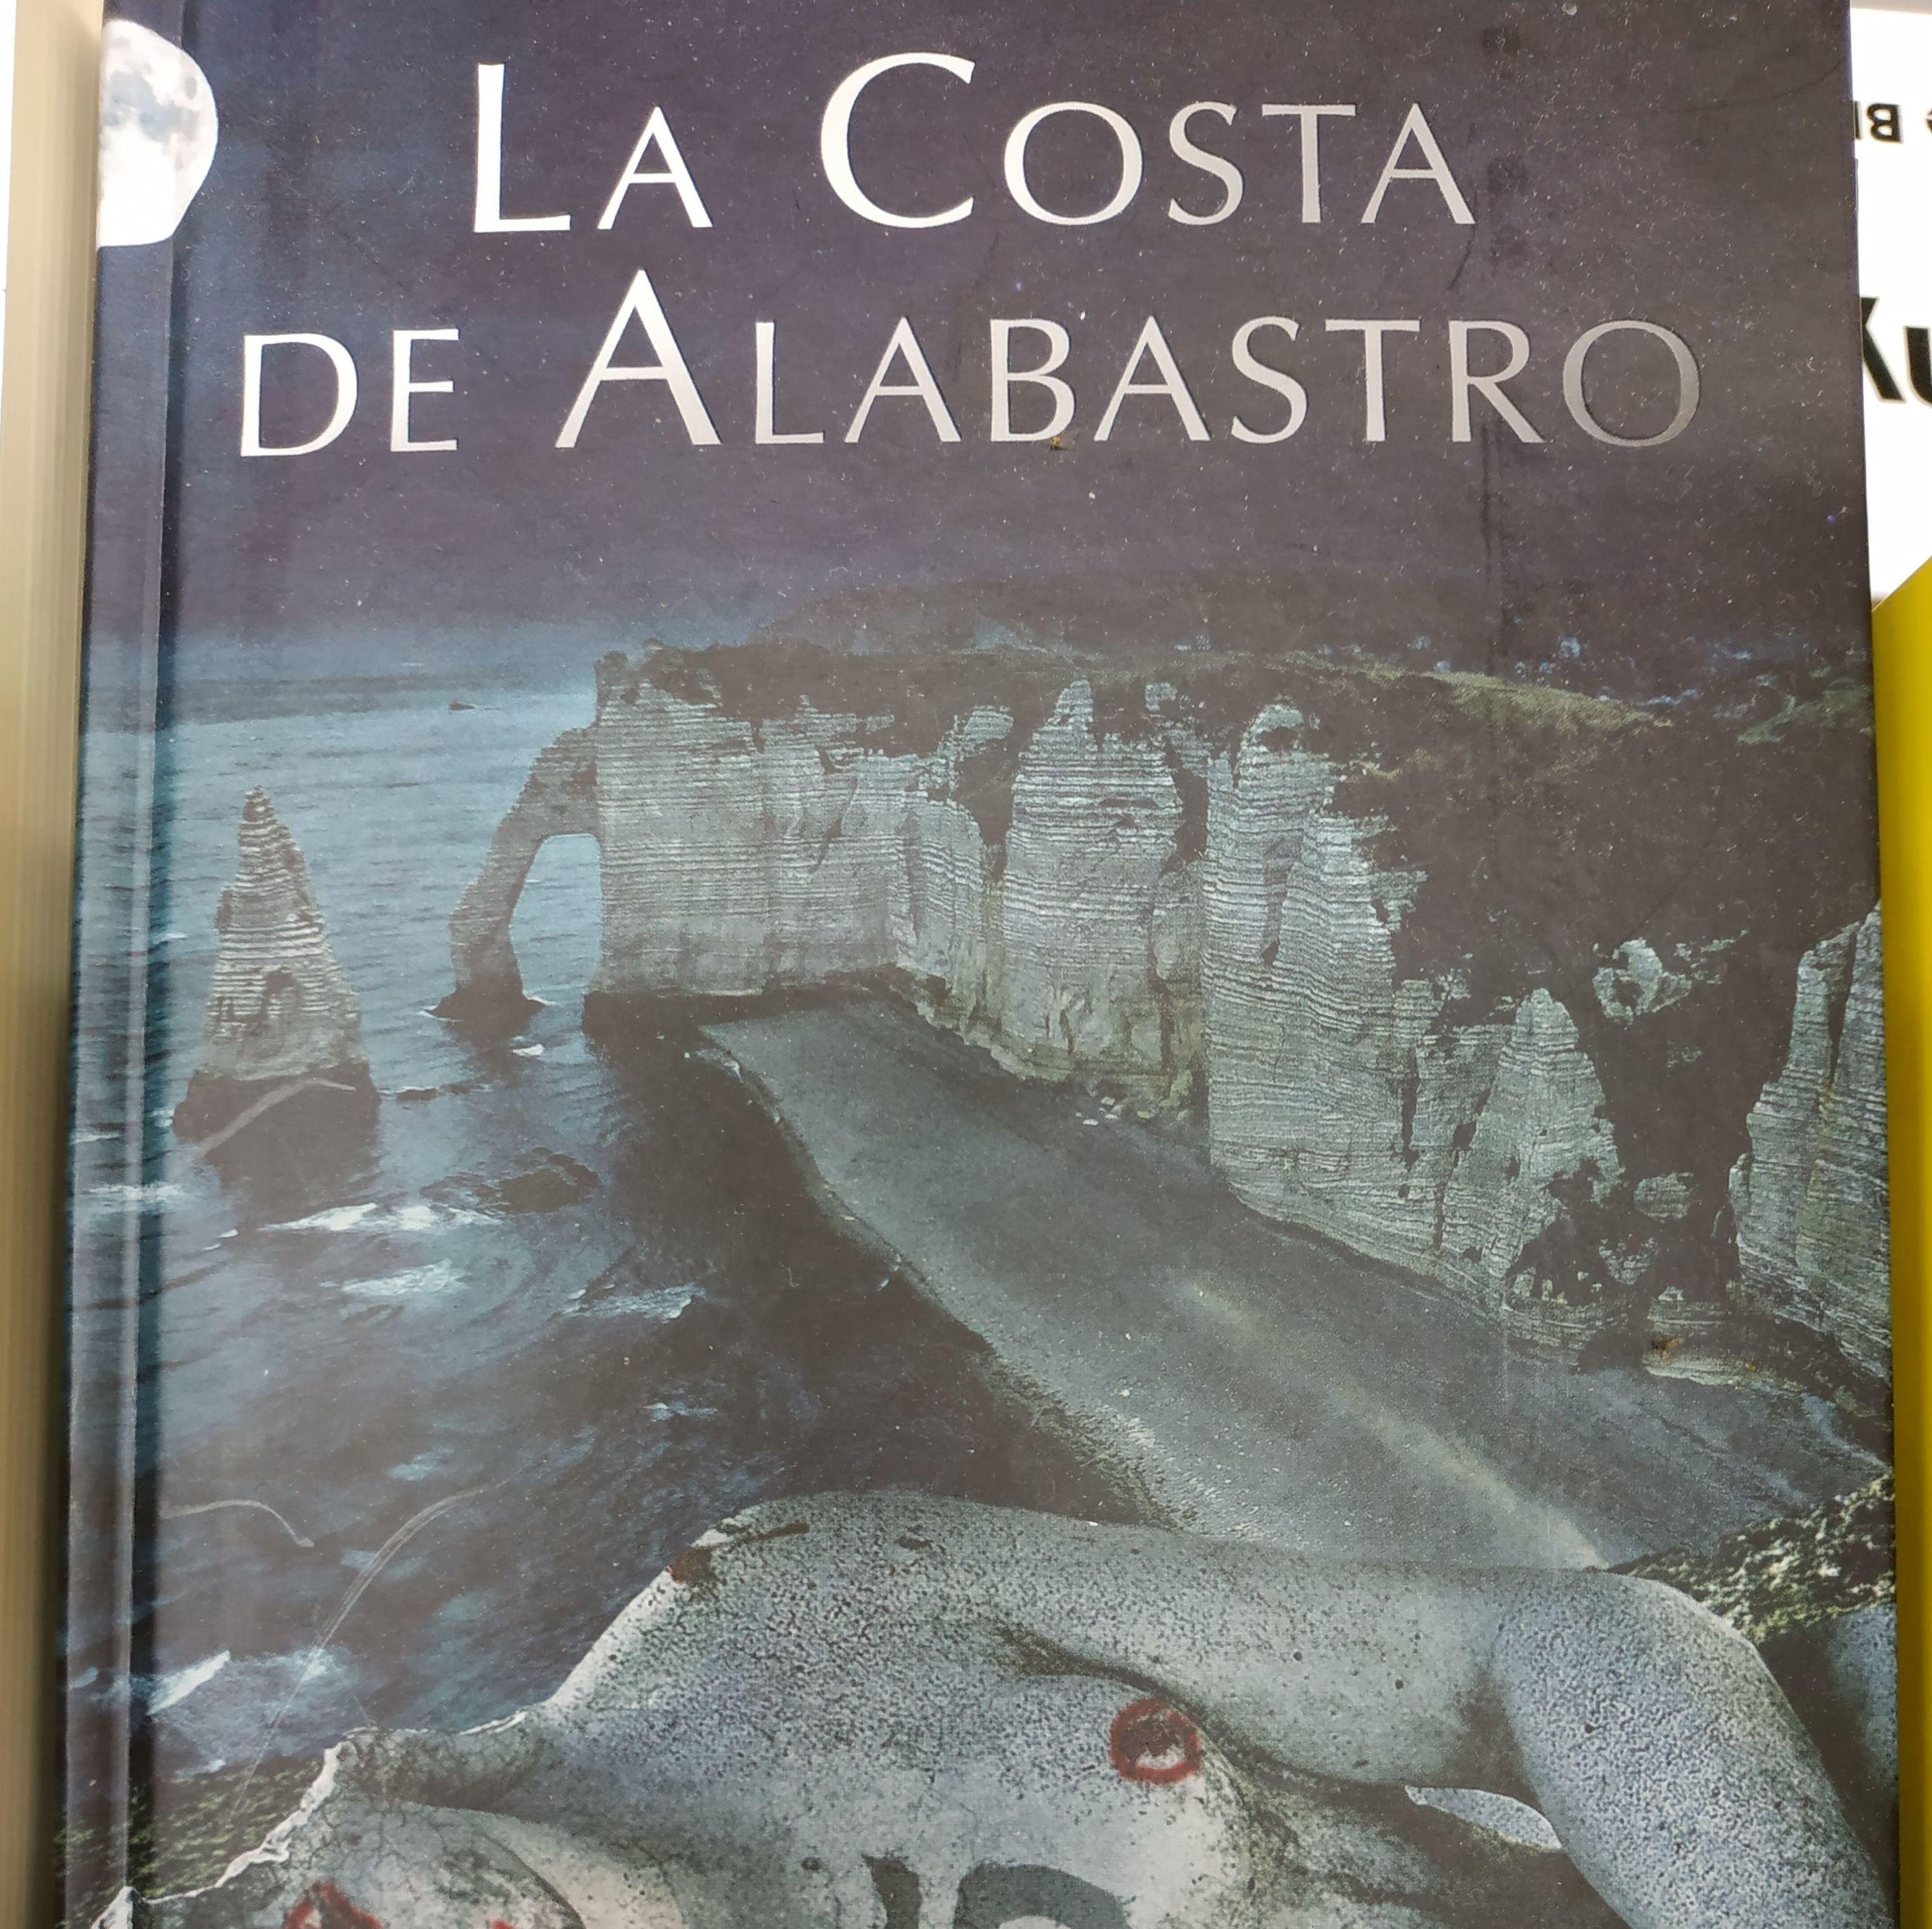 La Costa de Alabastro: SECCIONES de Librería Nueva Plaza Universitaria